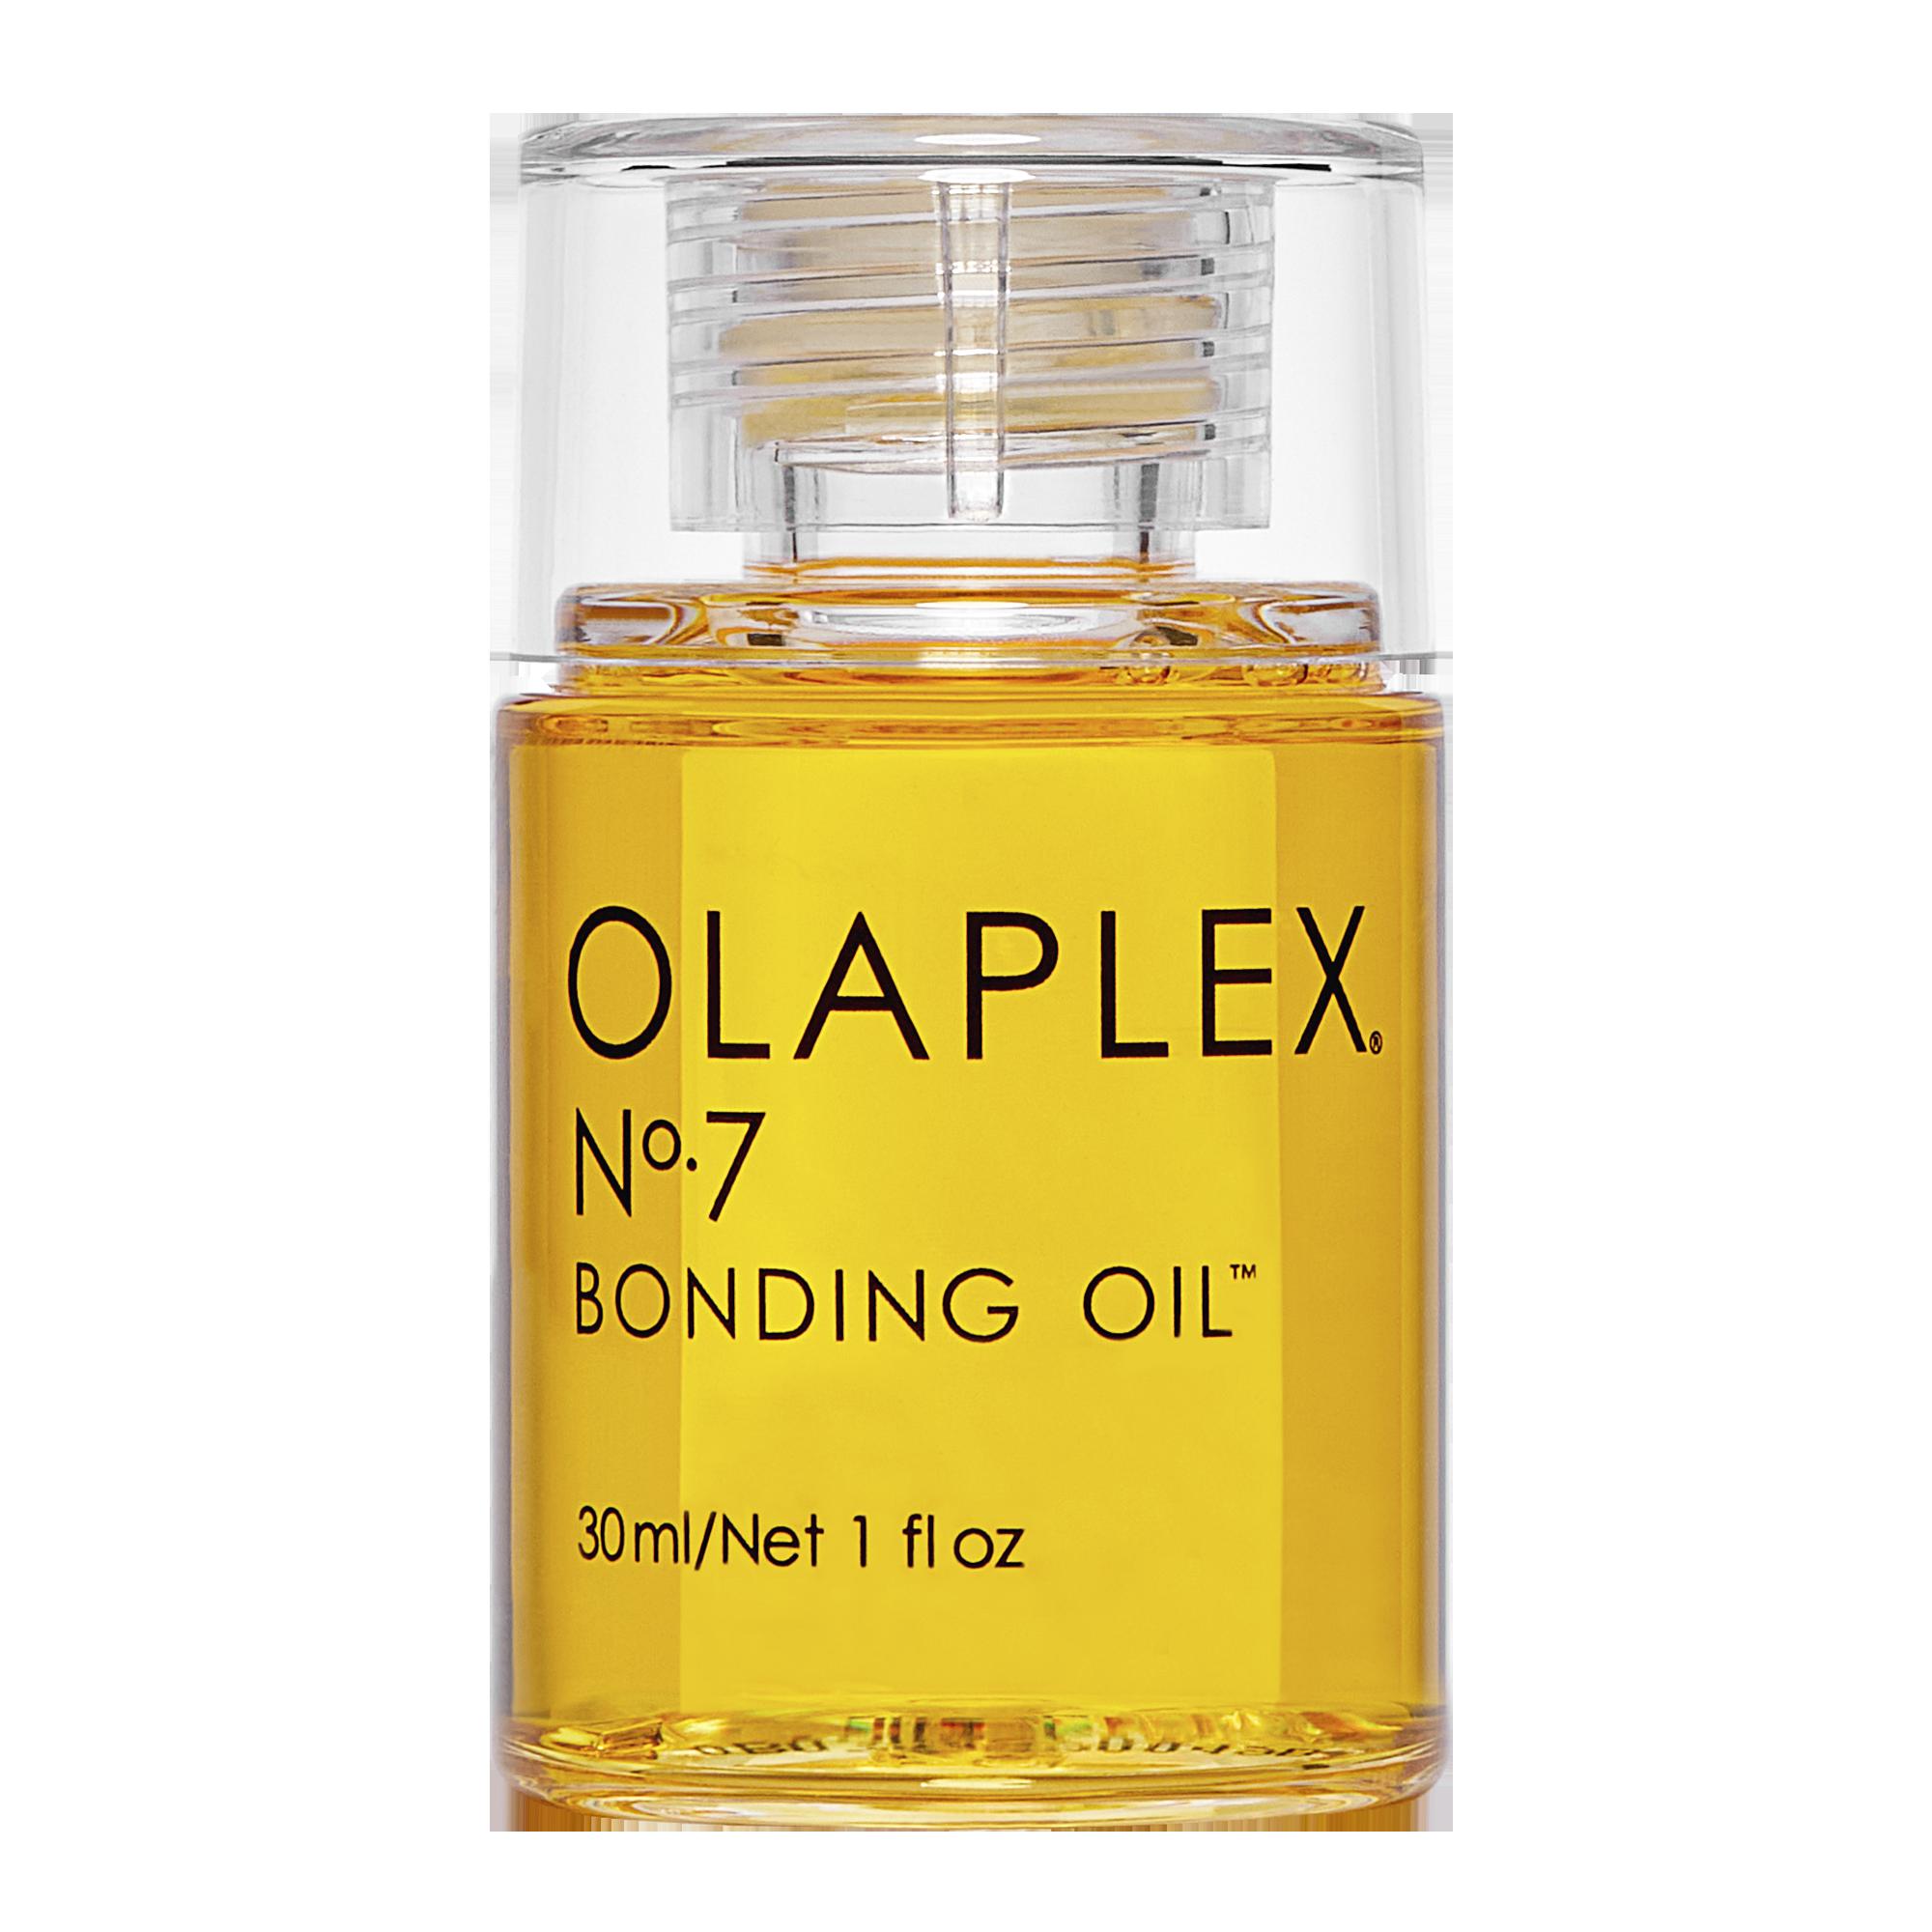 OLAPLEX® N° 7 Bonding Oil grid image